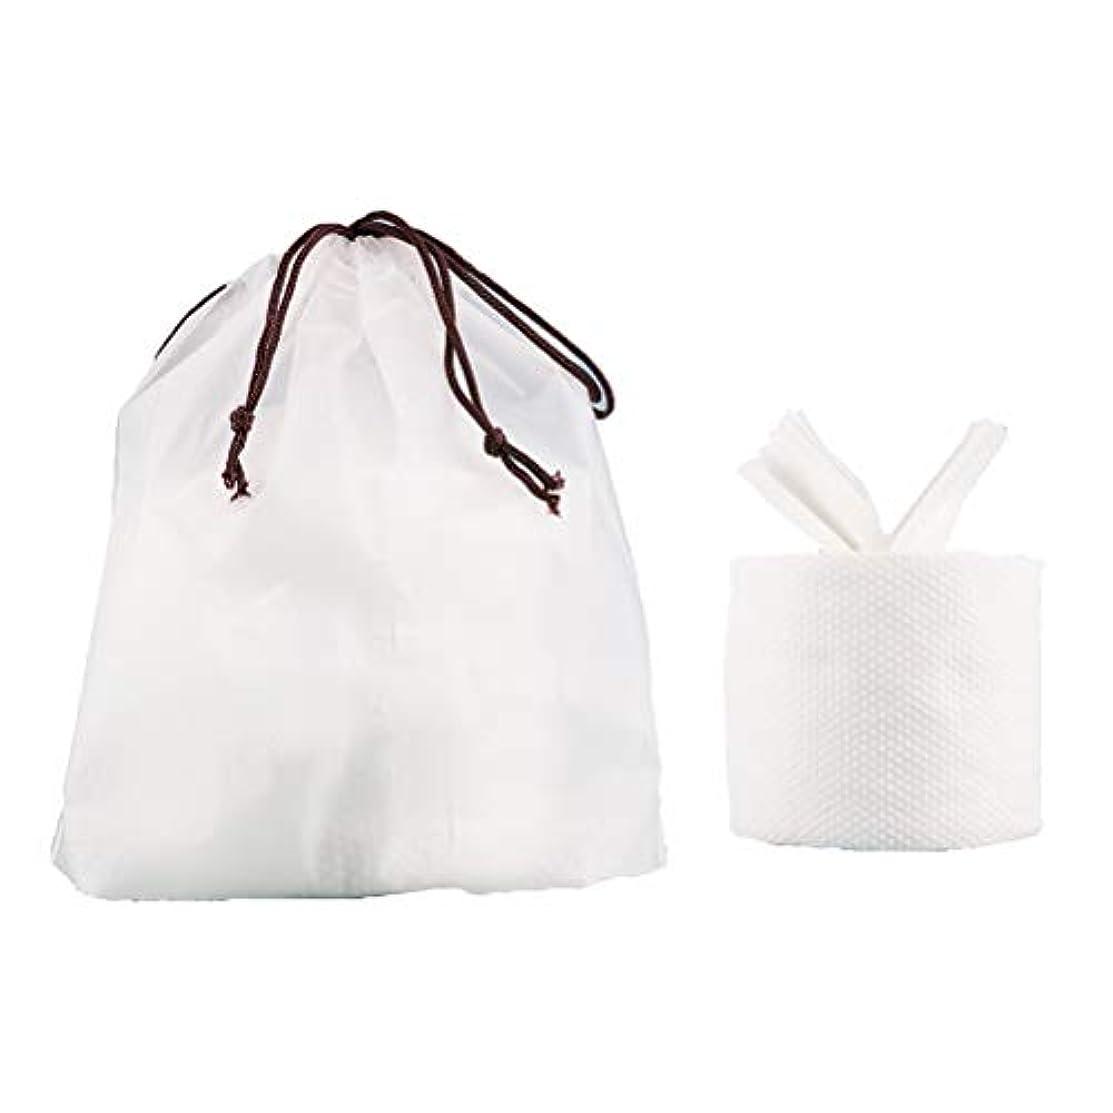 SUPVOX 2ピース使い捨てフェイシャルタオル50枚旅行用化粧落とし用綿ティッシュ